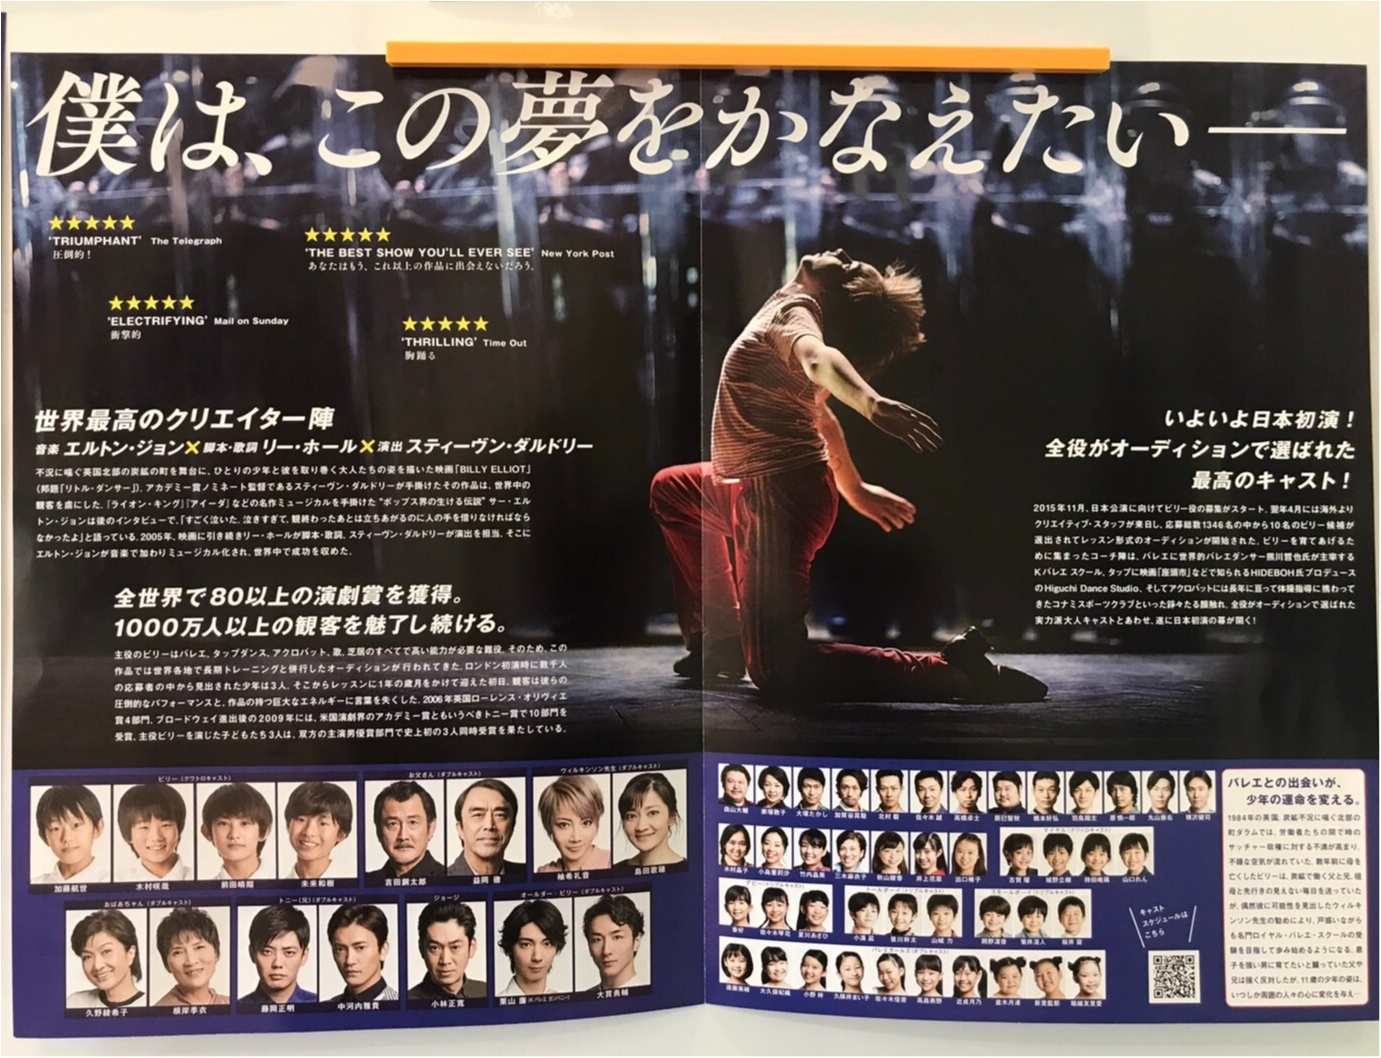 待望のあのミュージカルがついに上演!!日本版【*BILLY ELLIOT*】が注目を集める理由とは。_4